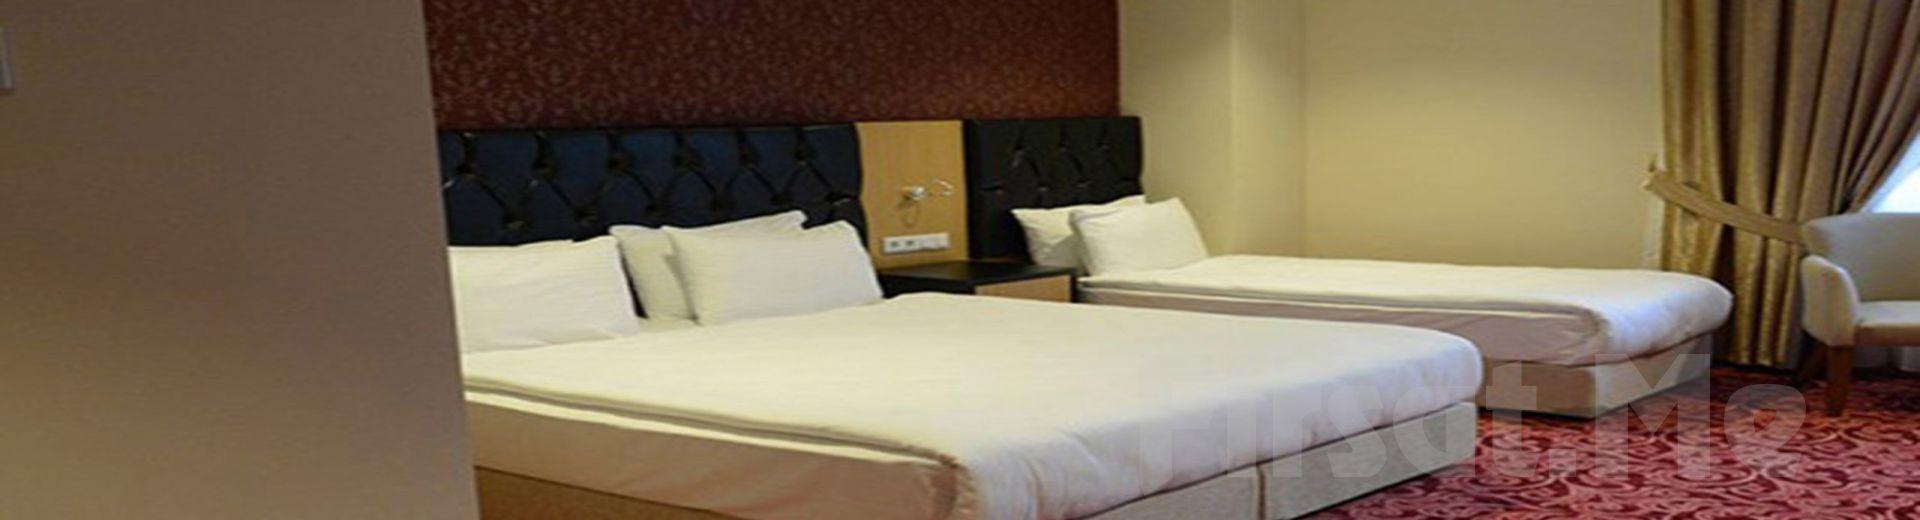 Ataşehir Vois Hotel'de Konaklama, Spa Kullanımı ve Kahvaltı Seçenekleri